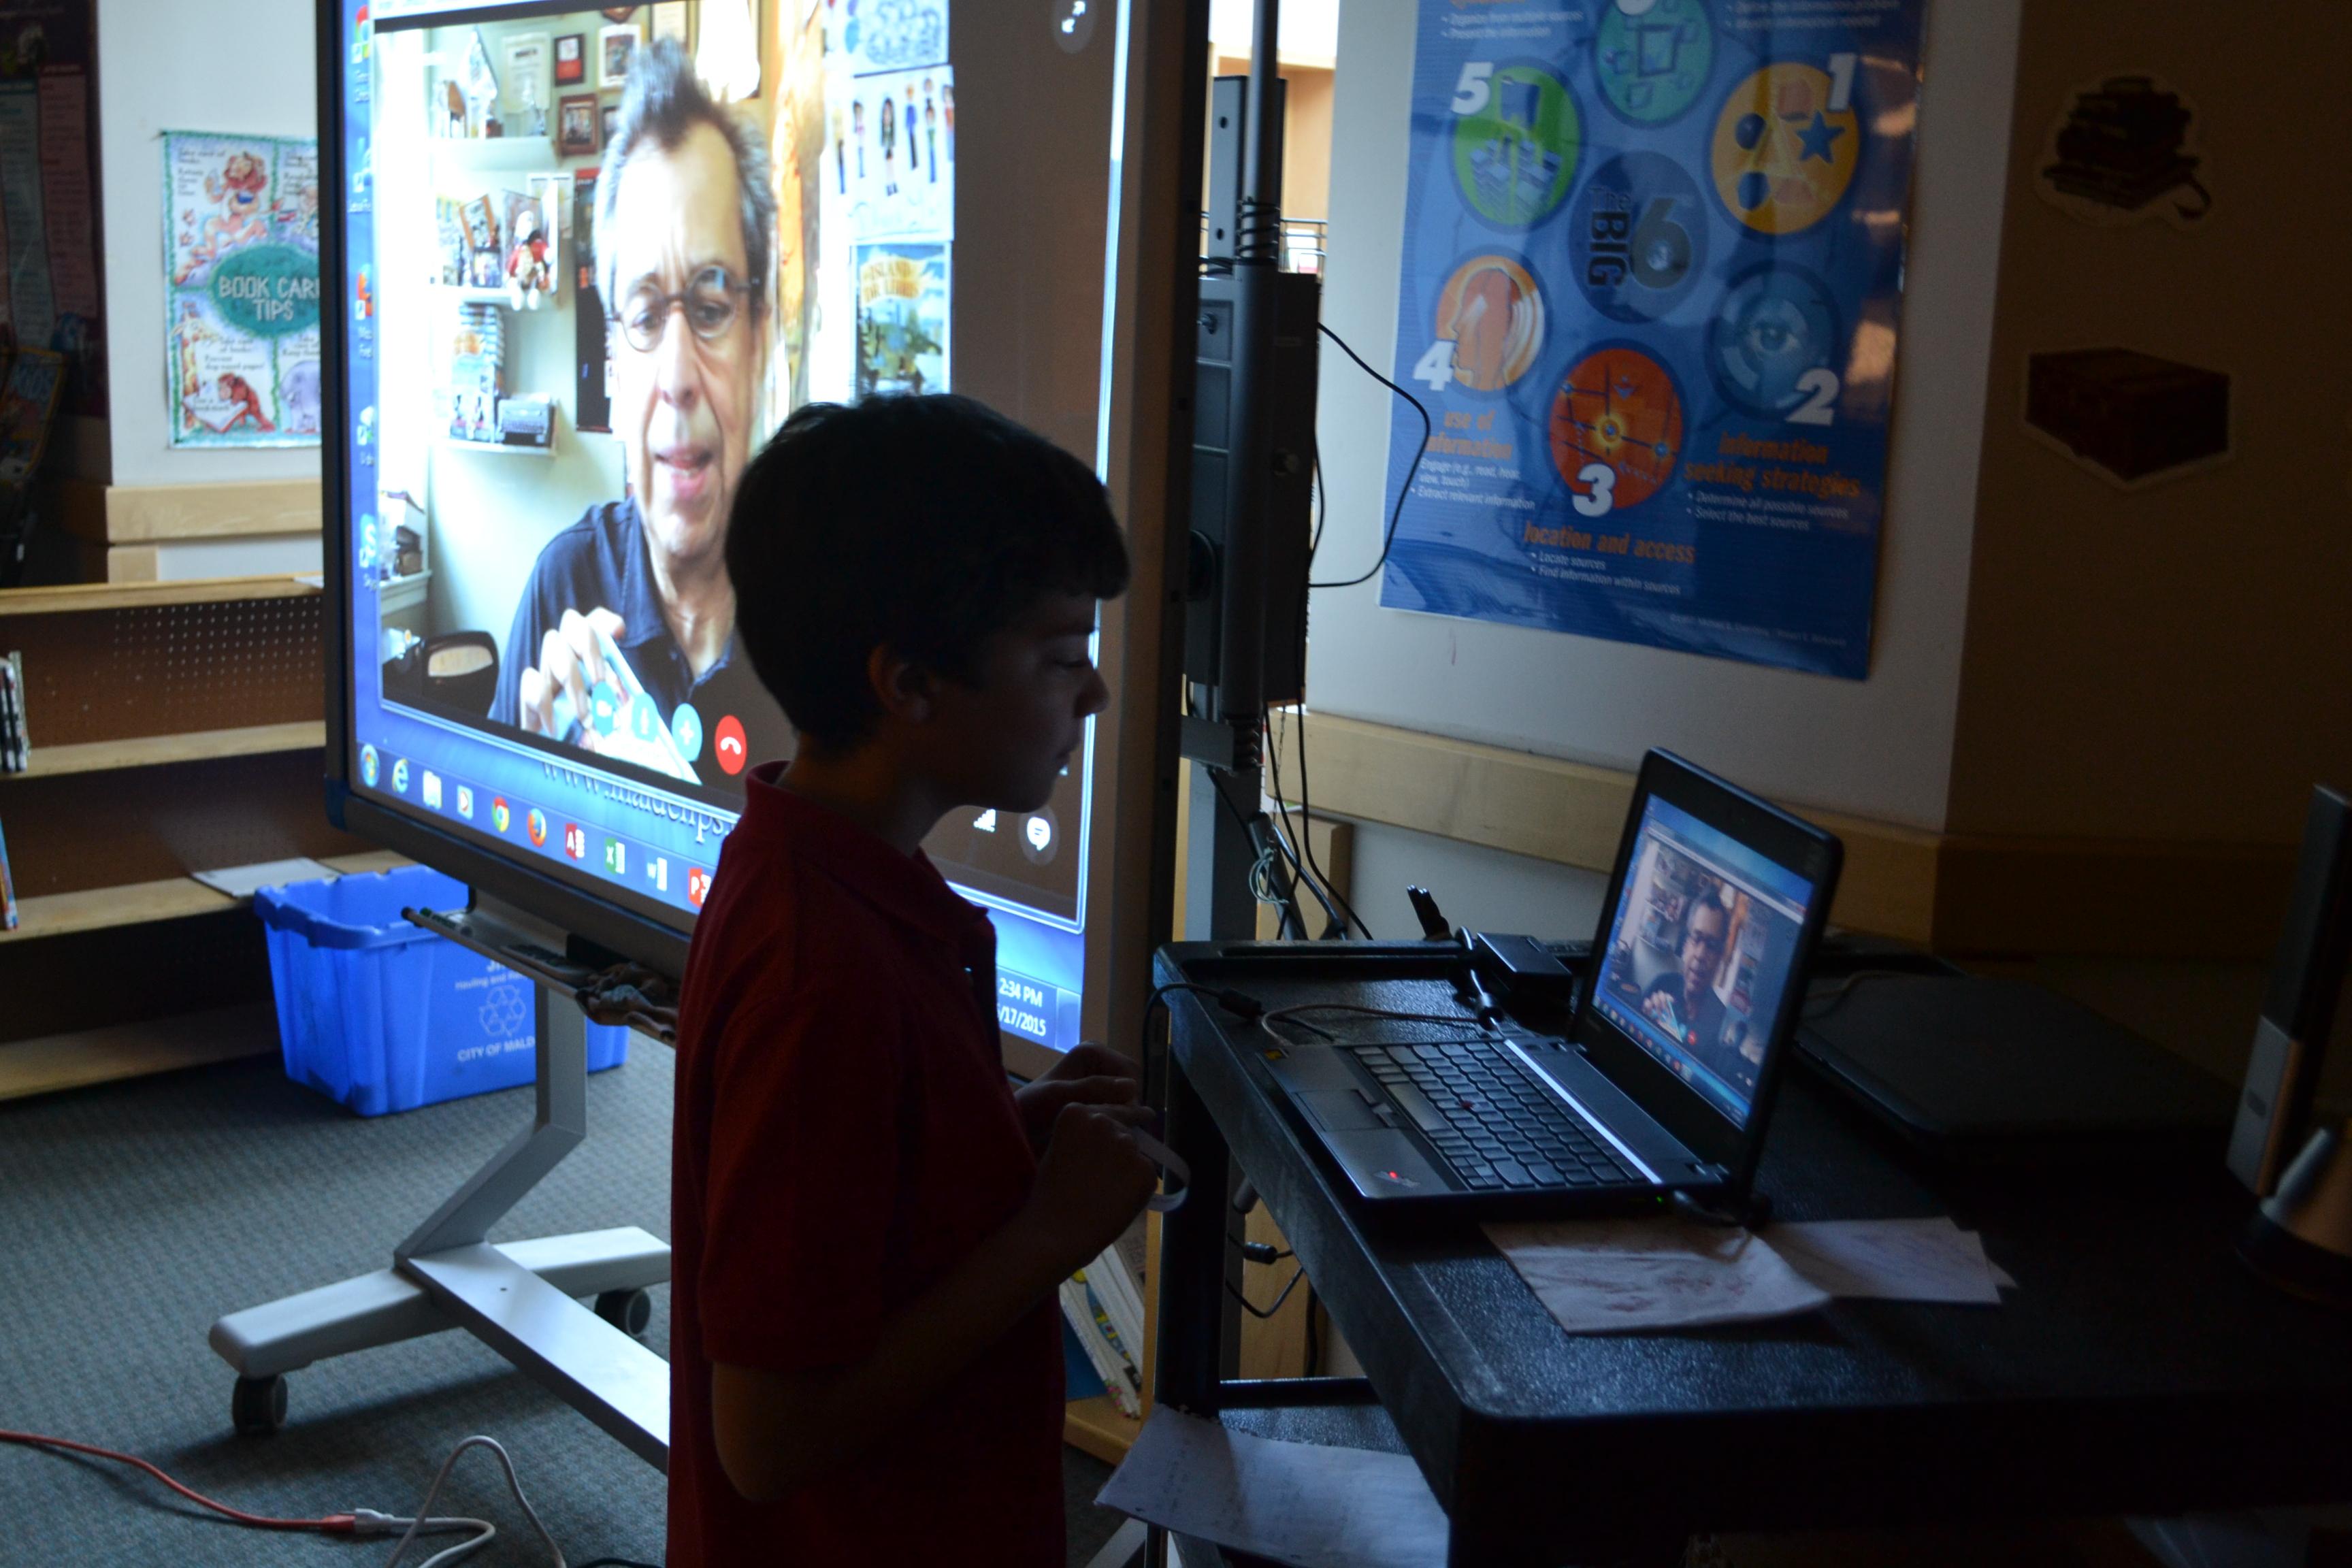 Adult Hook Up On Skype